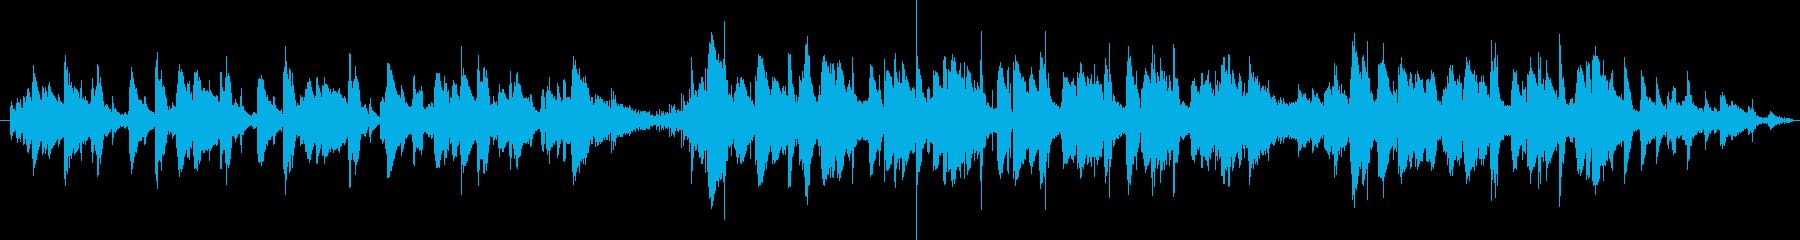 軽快で粋なジャズサウンドの再生済みの波形